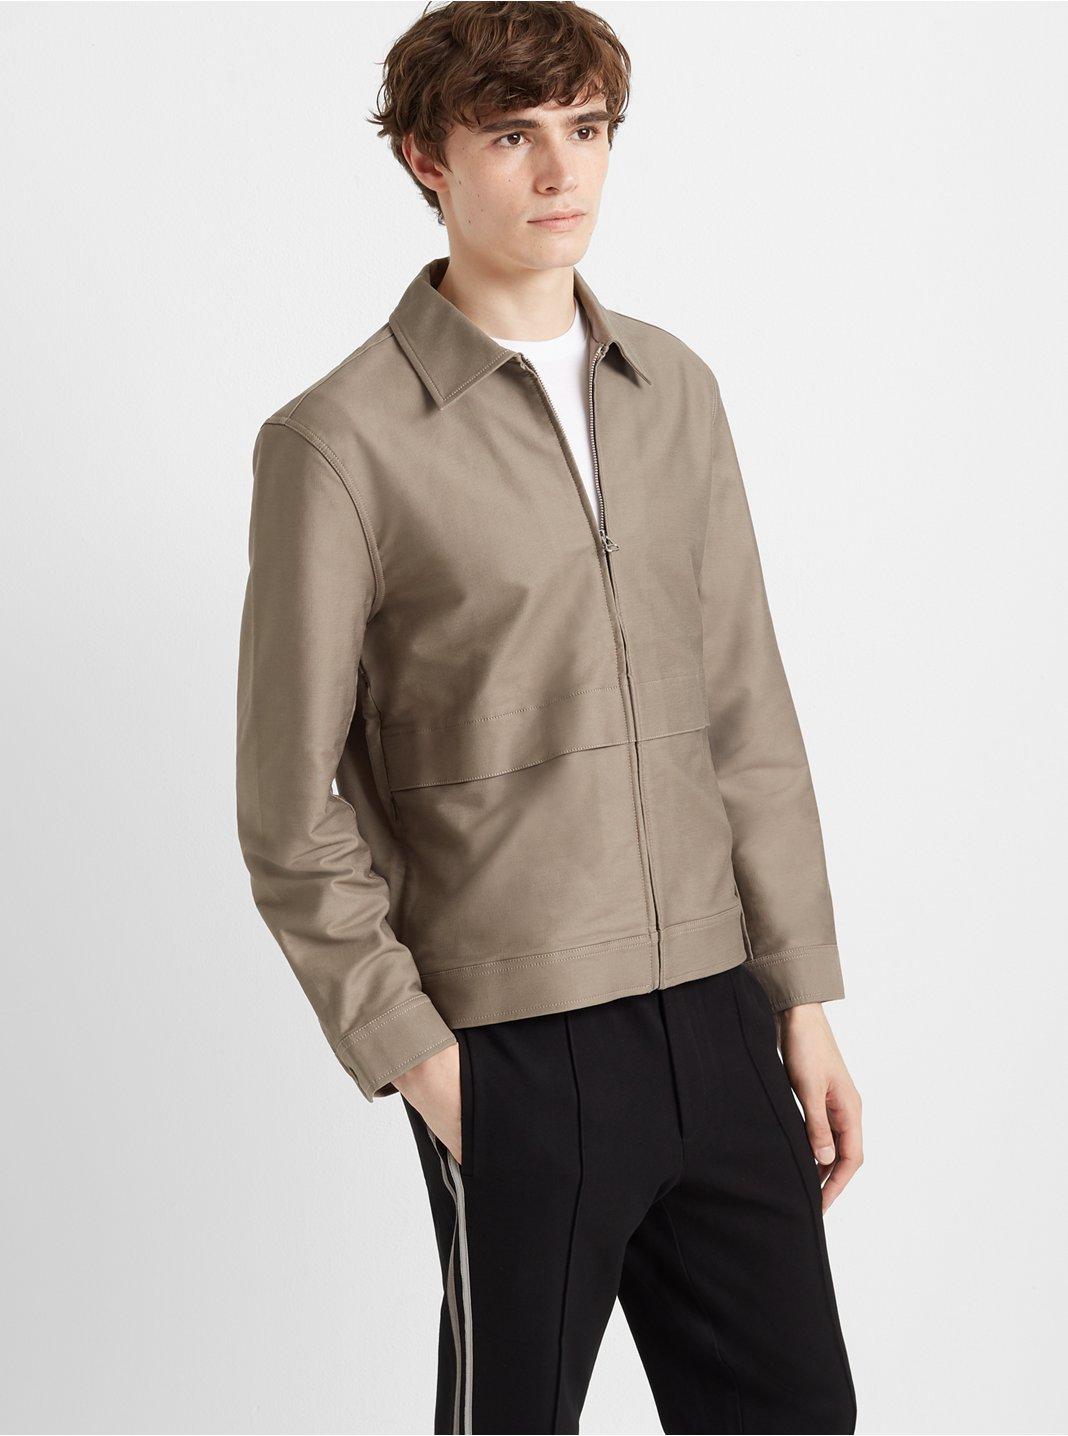 Flap Zip Jacket